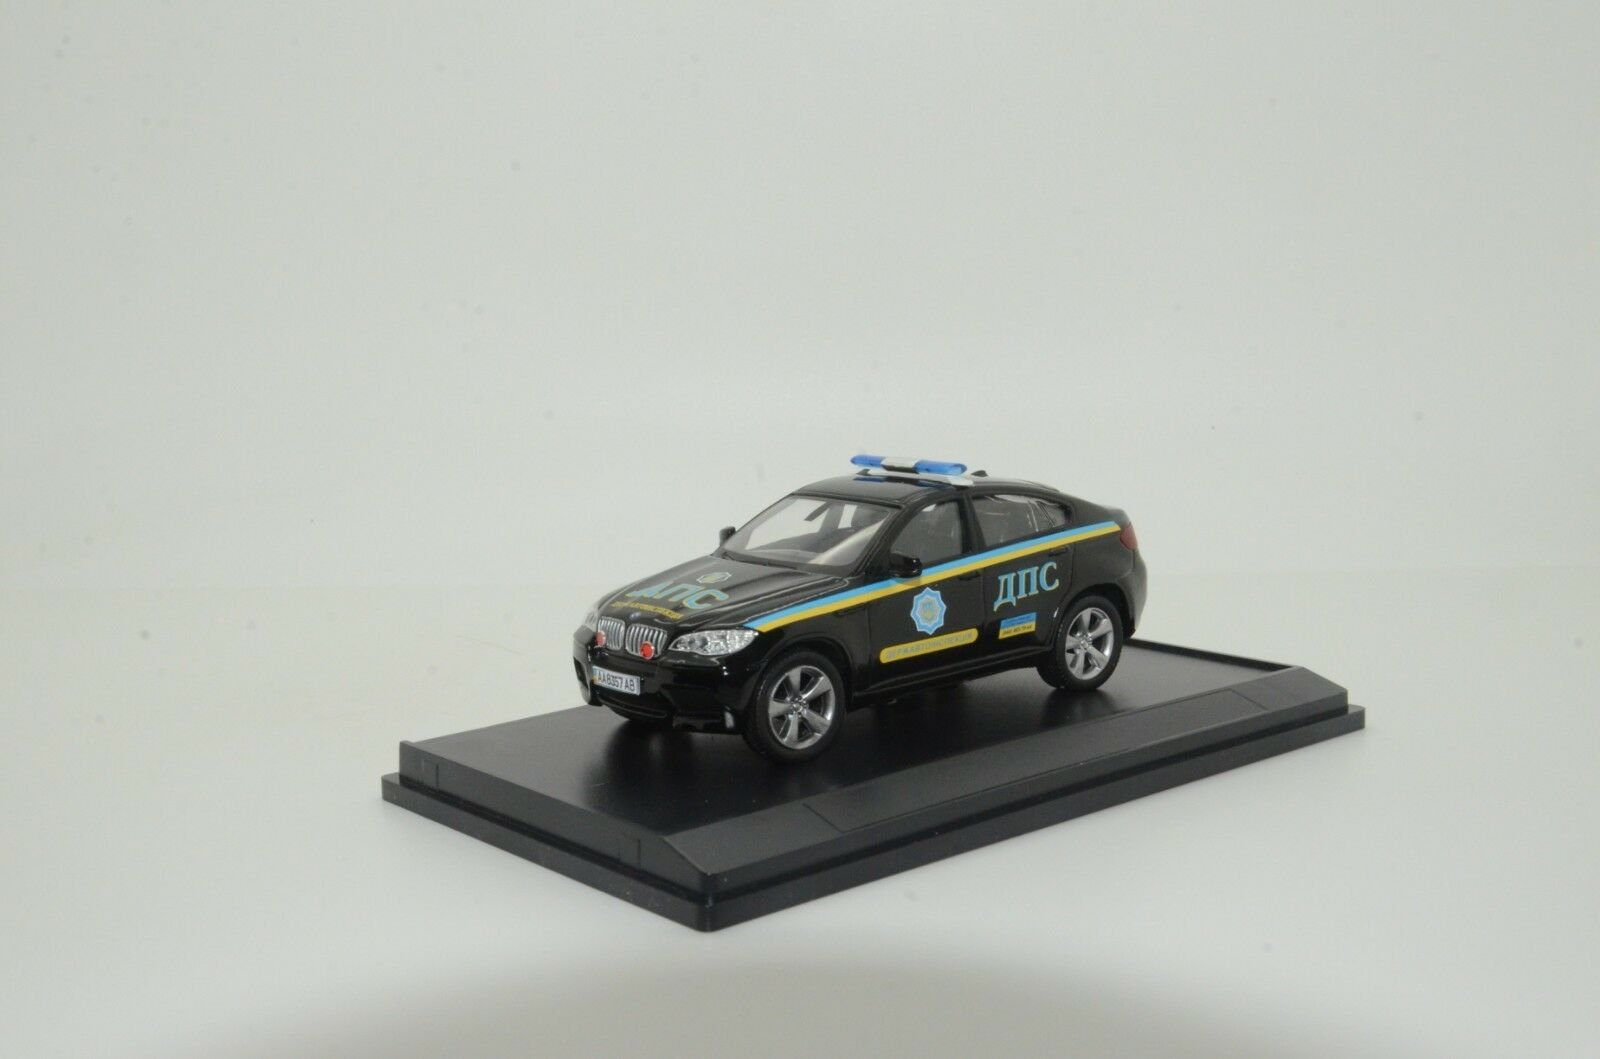 RARE    BMW X6 Ukraine Road Police Car Custom Made 1 43